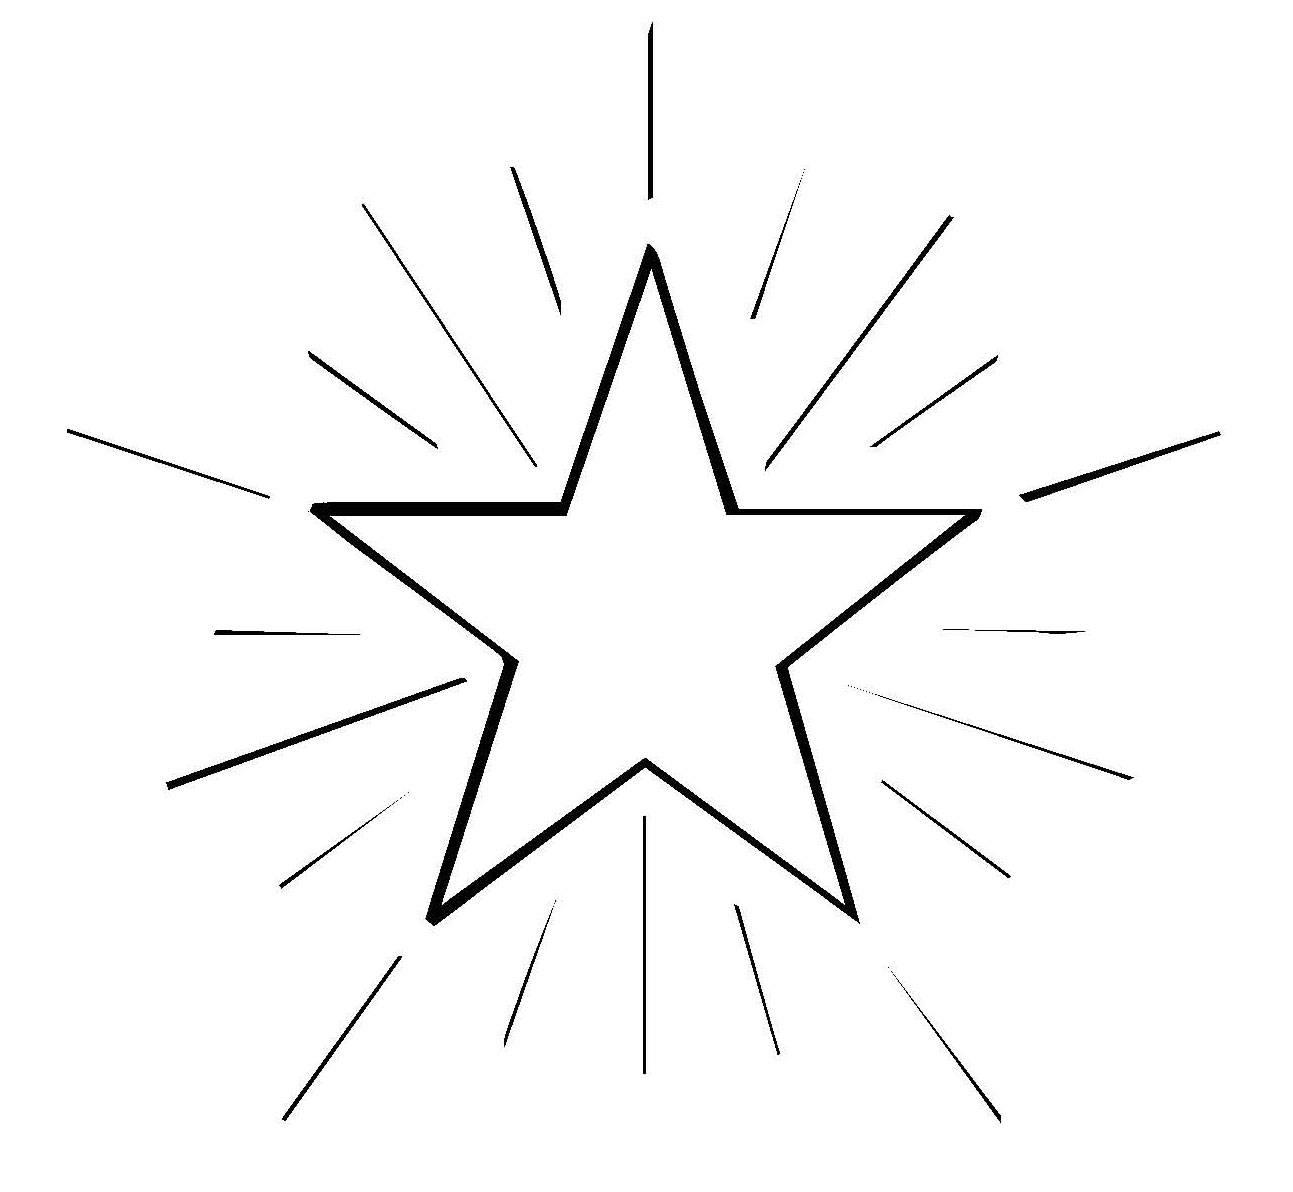 Ausmalbild Schneeflocken und Sterne: Stern 4 kostenlos ausdrucken